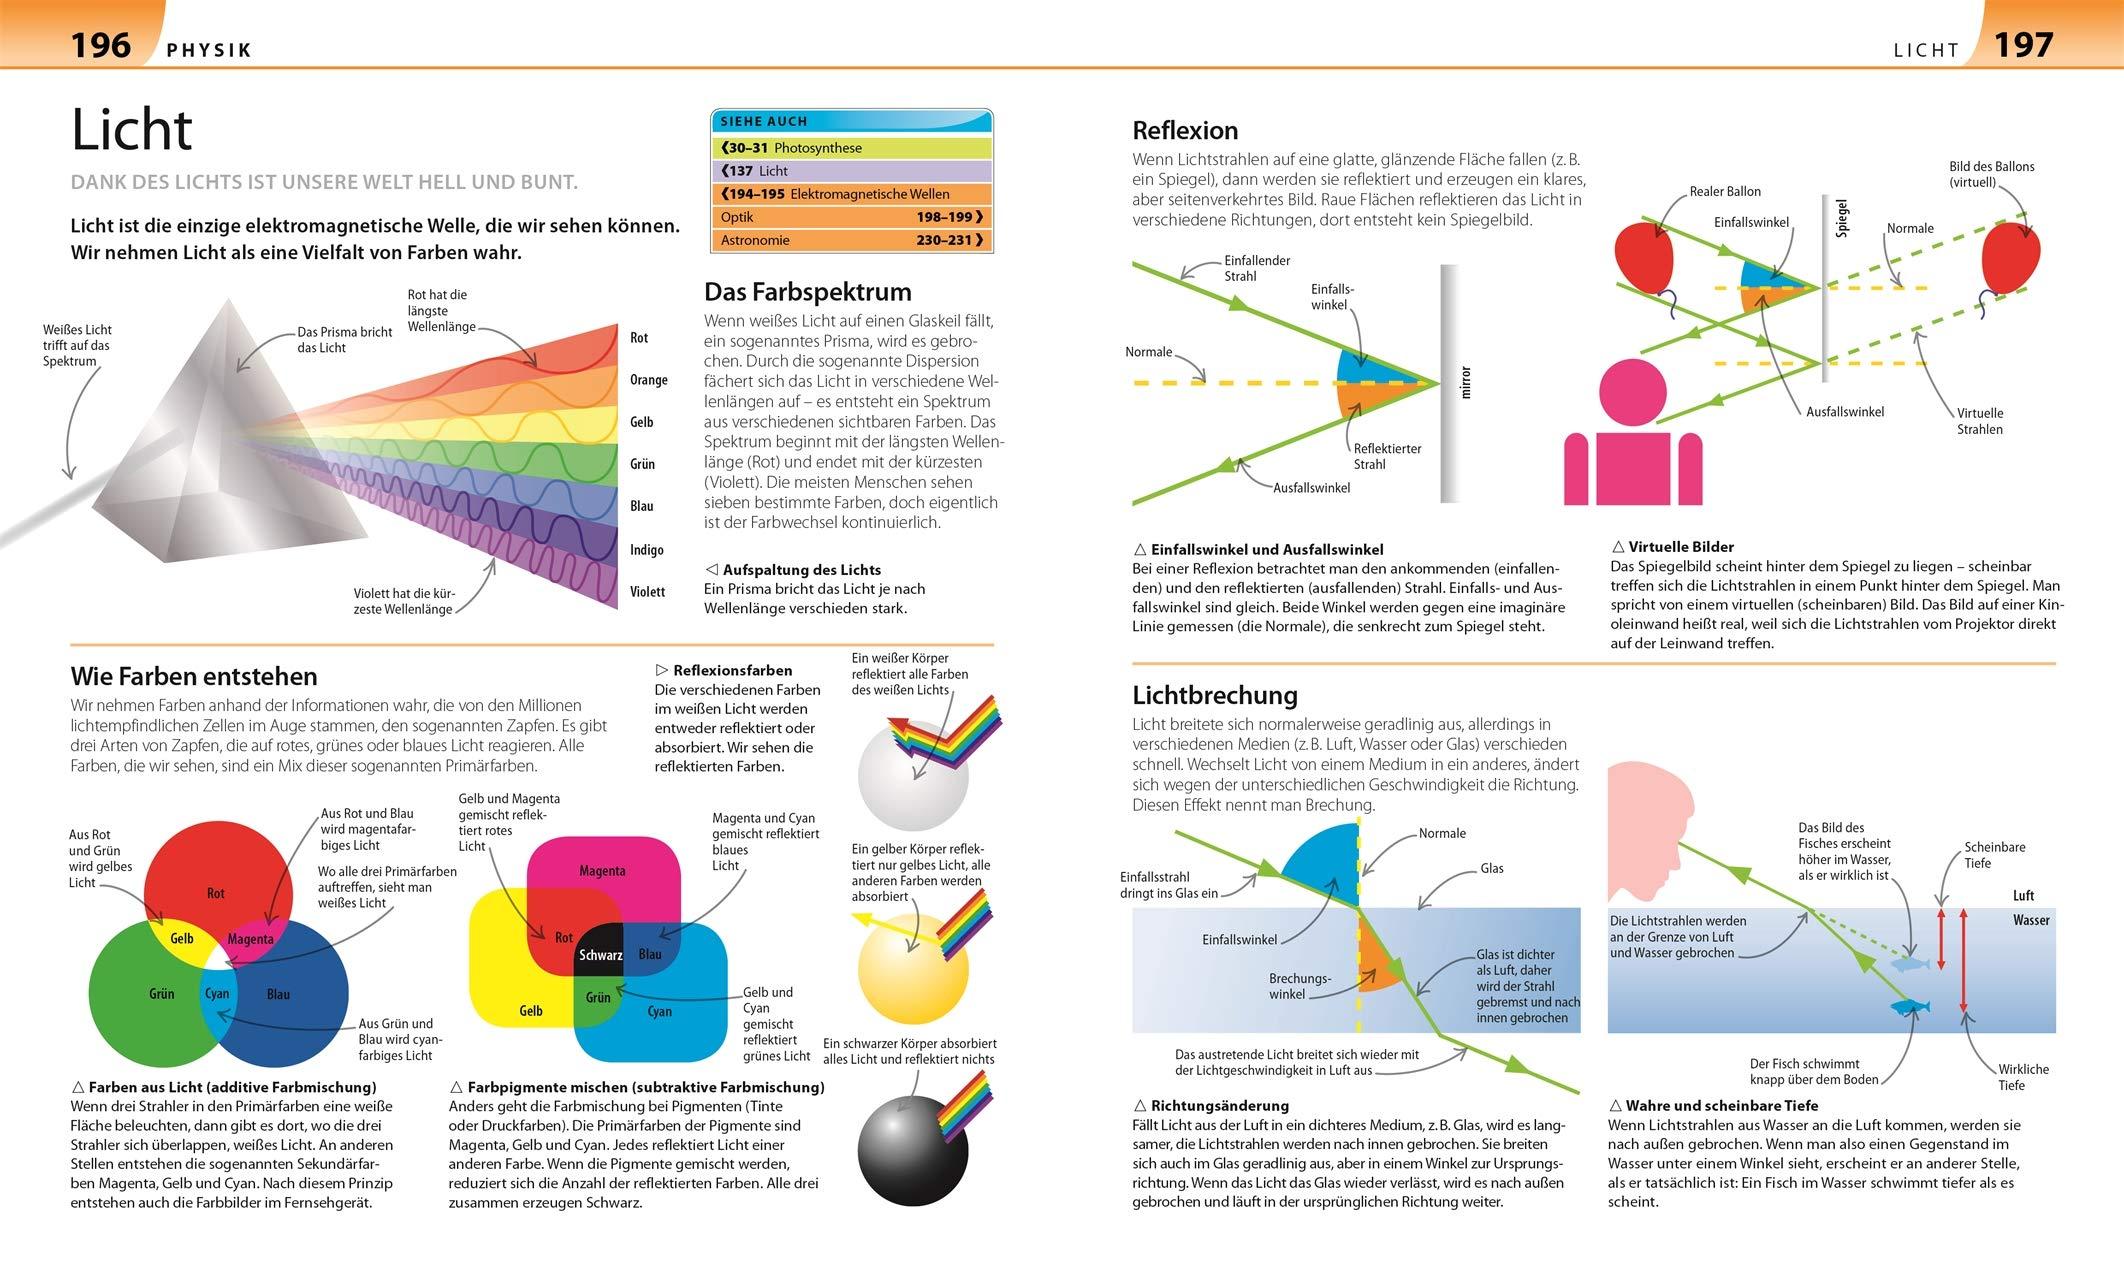 Biologie, Chemie, Physik für Eltern: Was Sie wissen müssen ...